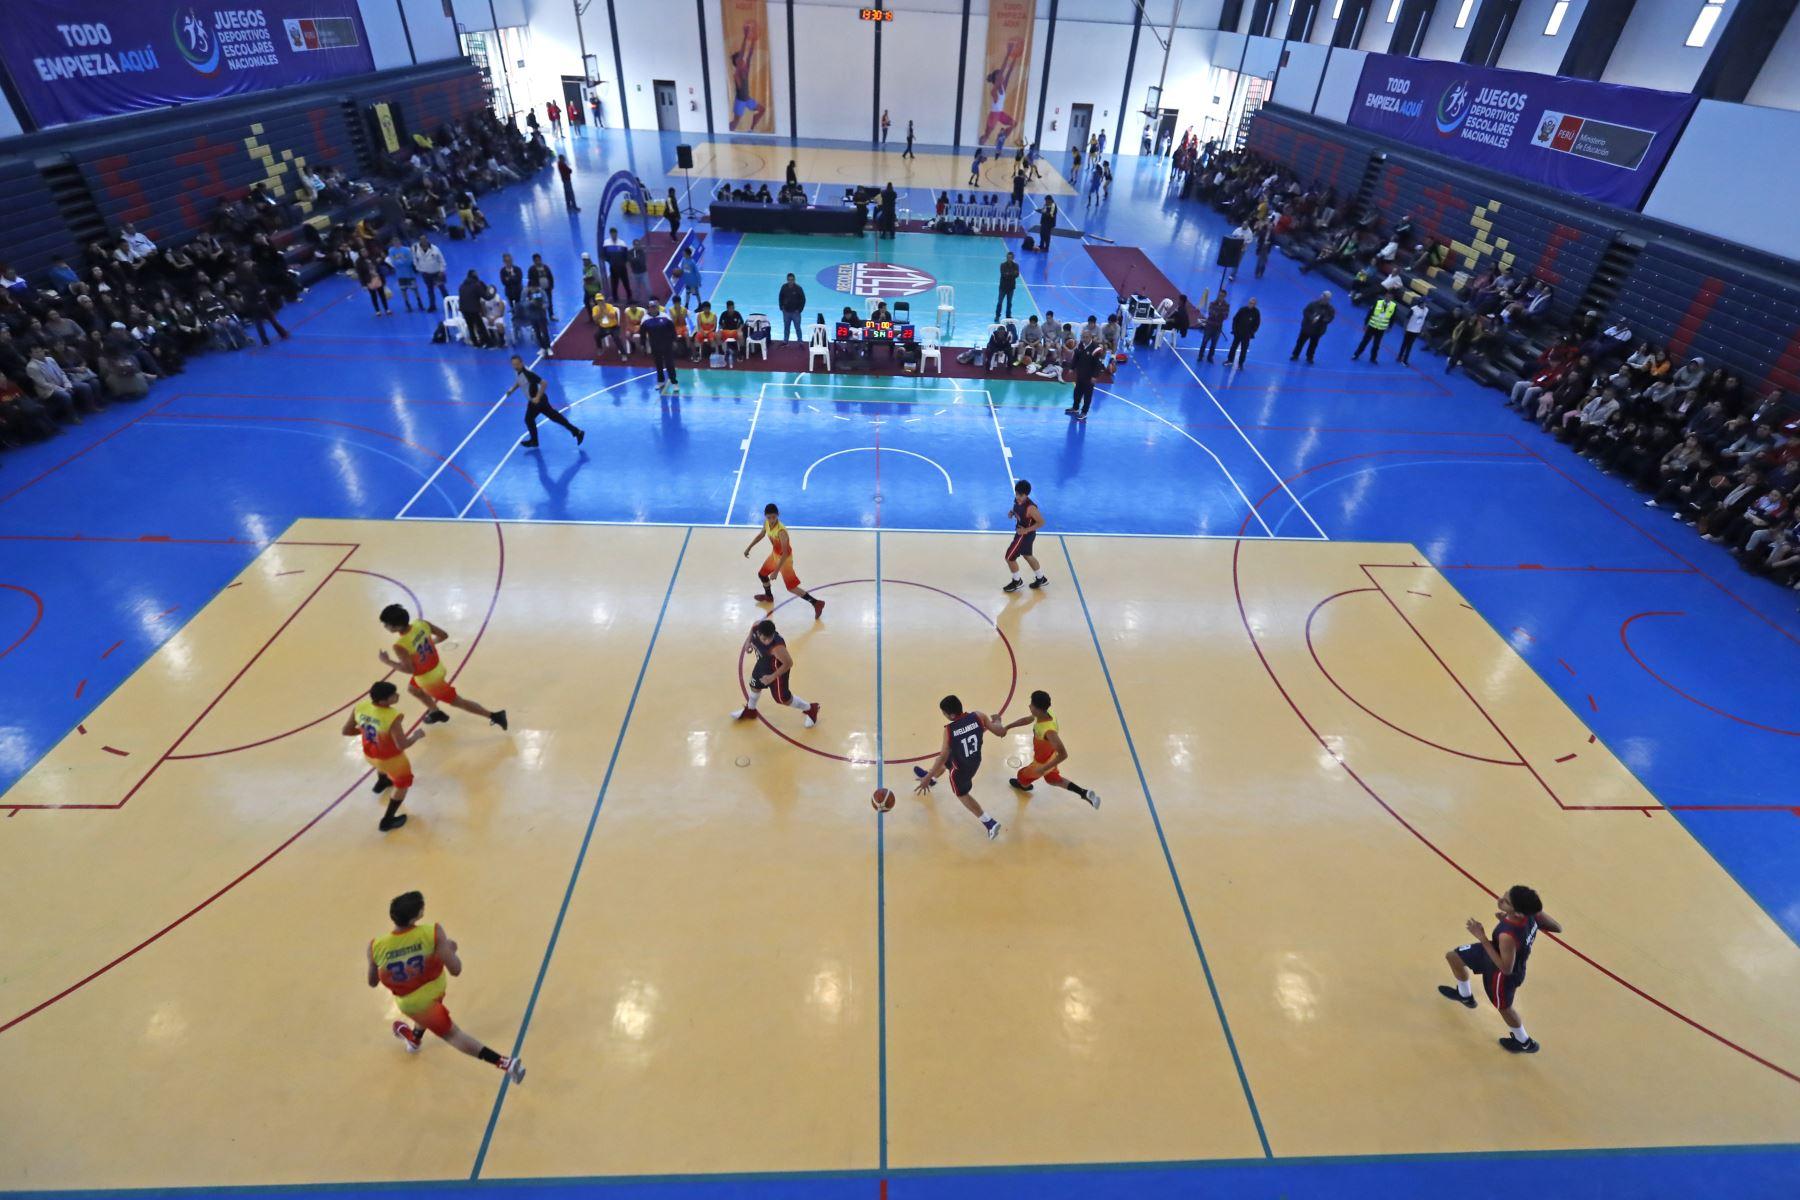 Colegio La Recoleta de Lima se enfrentó con el Colegio Von Neumann en la final de los Juegos Deportivos Escolares Nacionales 2019, sede La Recoleta. Foto: ANDINA/Renato Pajuelo